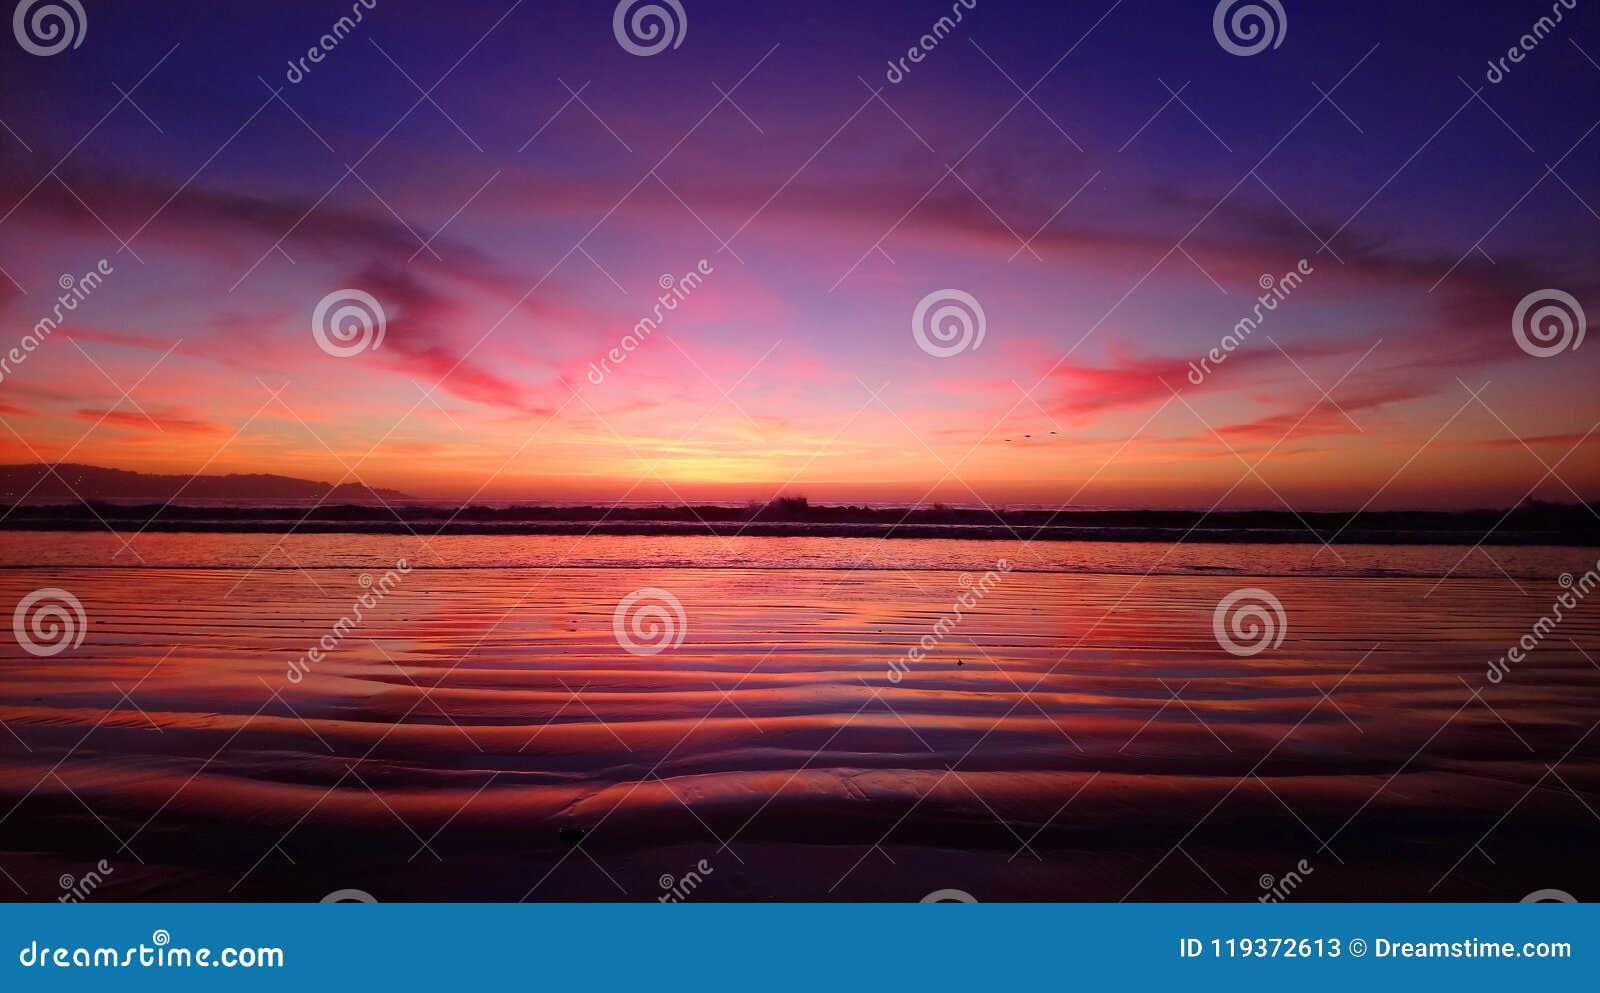 Mar pacífico hermoso de Chile - Suramérica